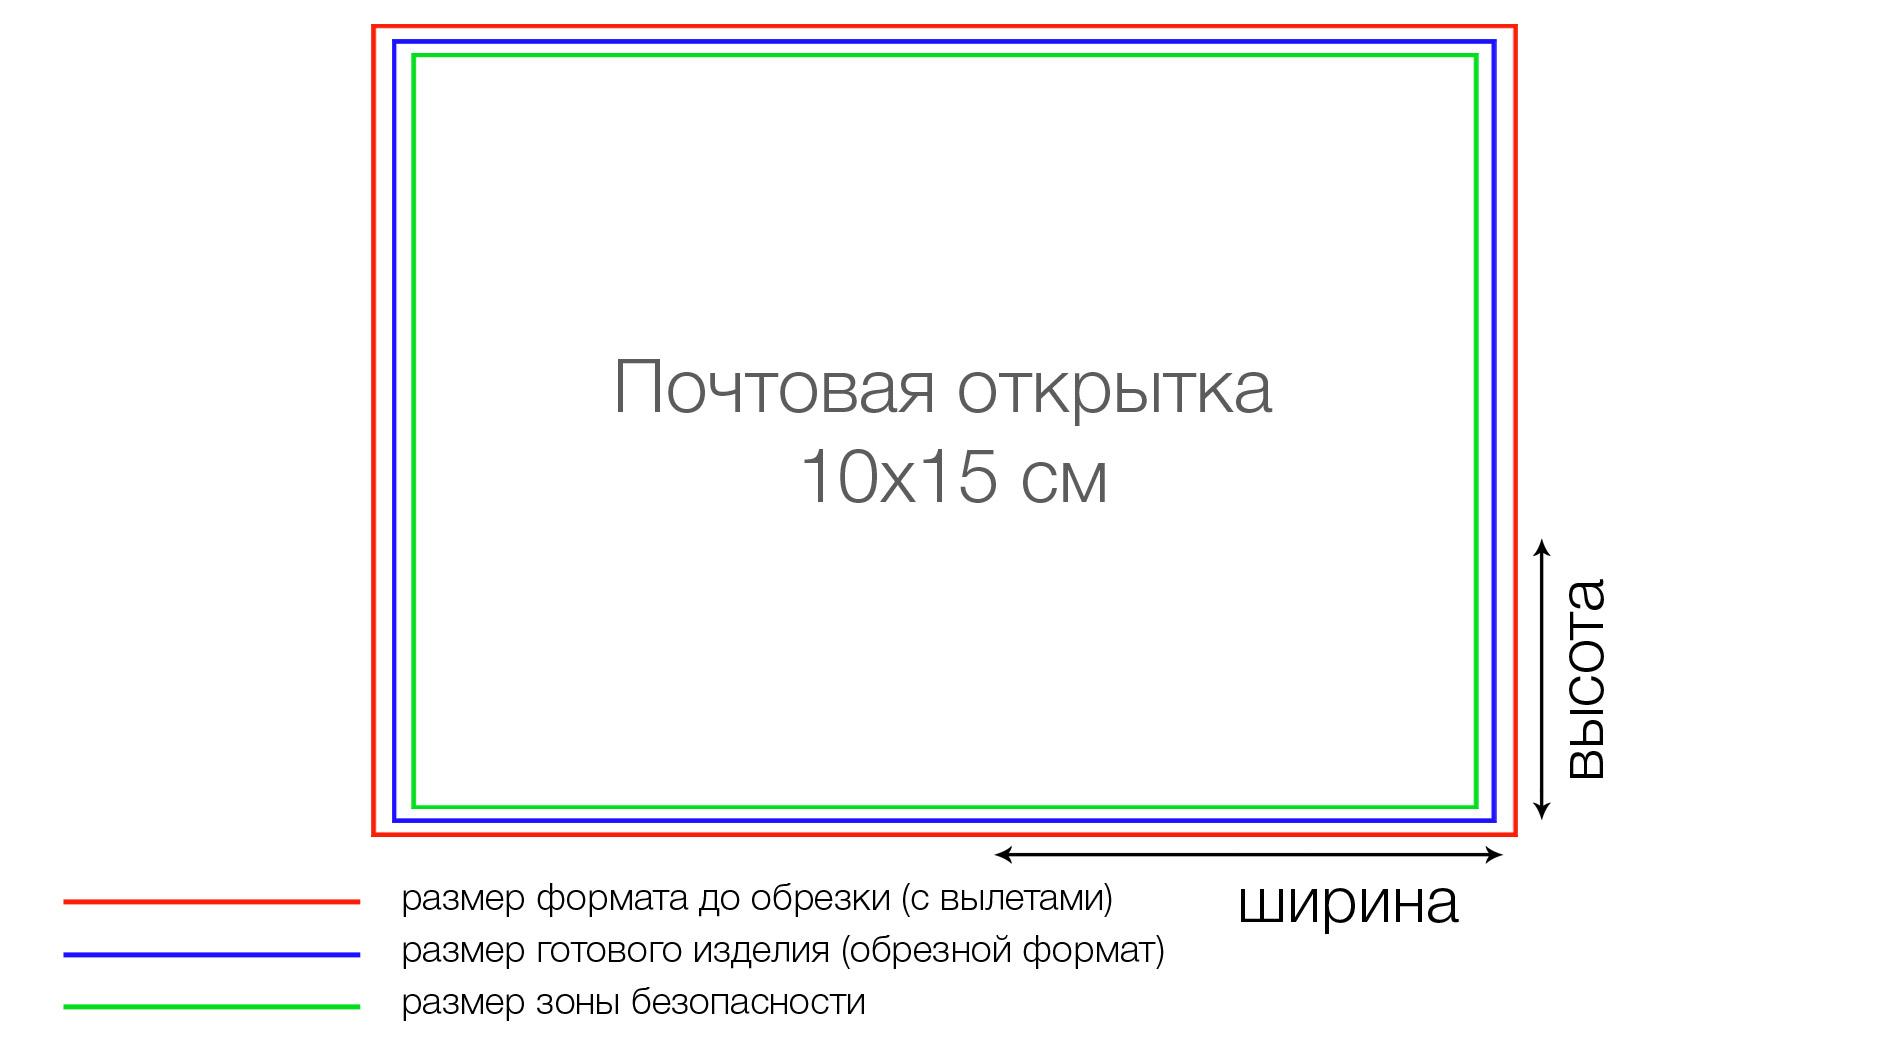 Евро формат полиграфия размер открытка